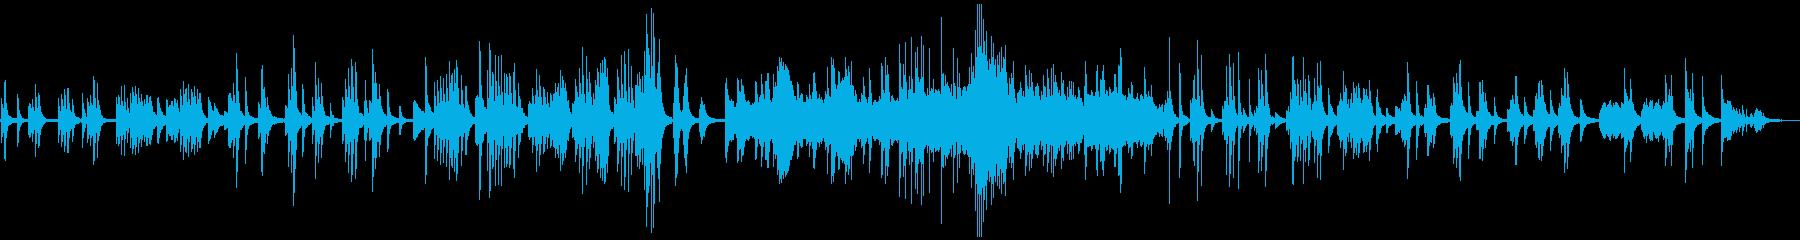 ドビュッシー ベルガマスク3 月の光の再生済みの波形